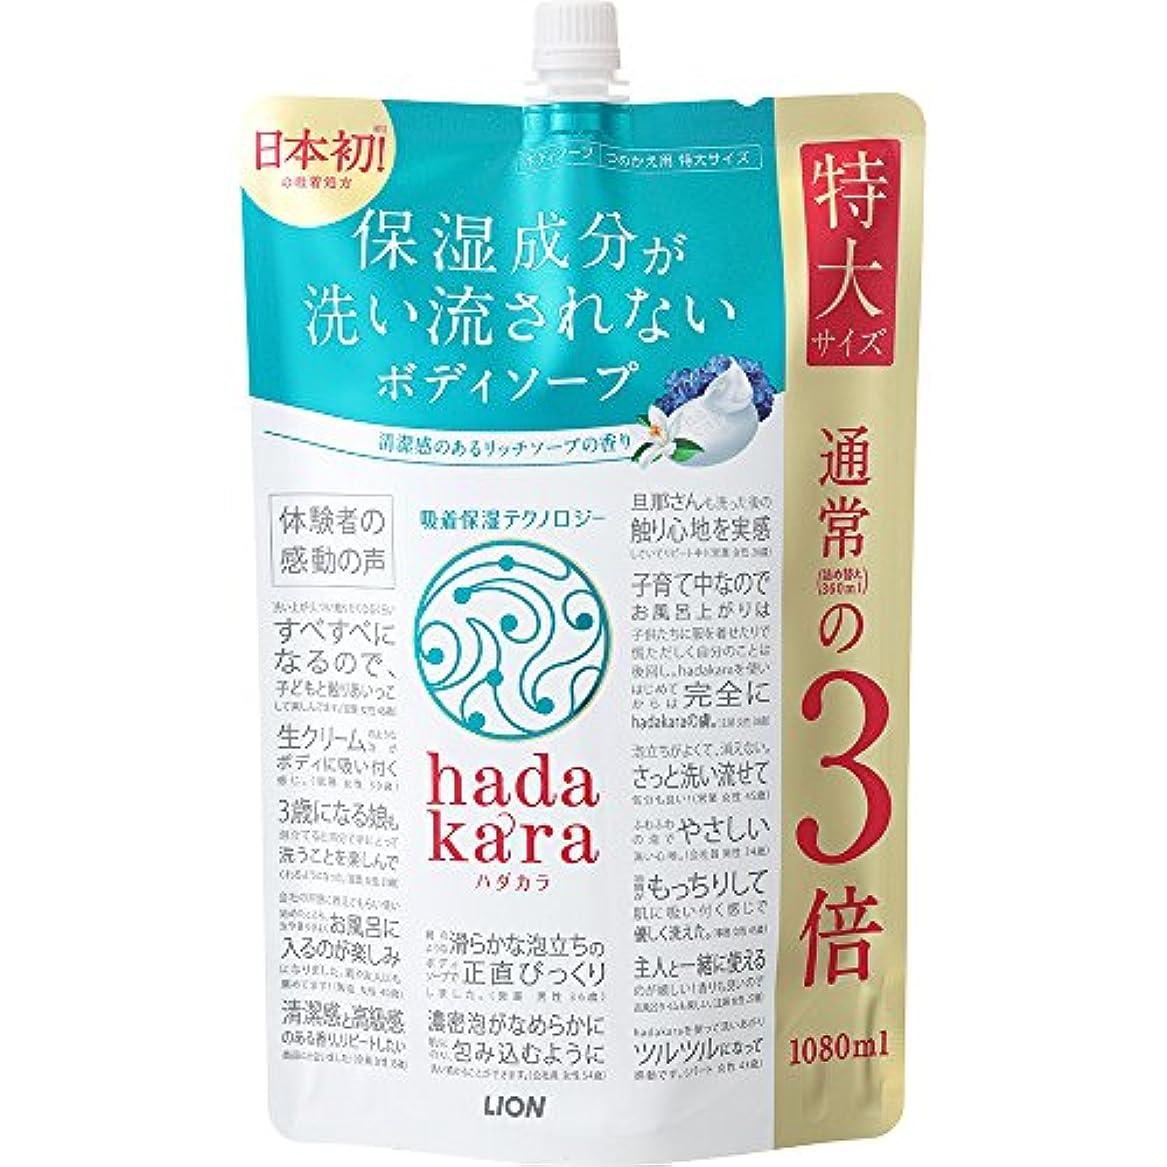 出身地合併桁【大容量】hadakara(ハダカラ) ボディソープ リッチソープの香り 詰め替え 特大 1080ml